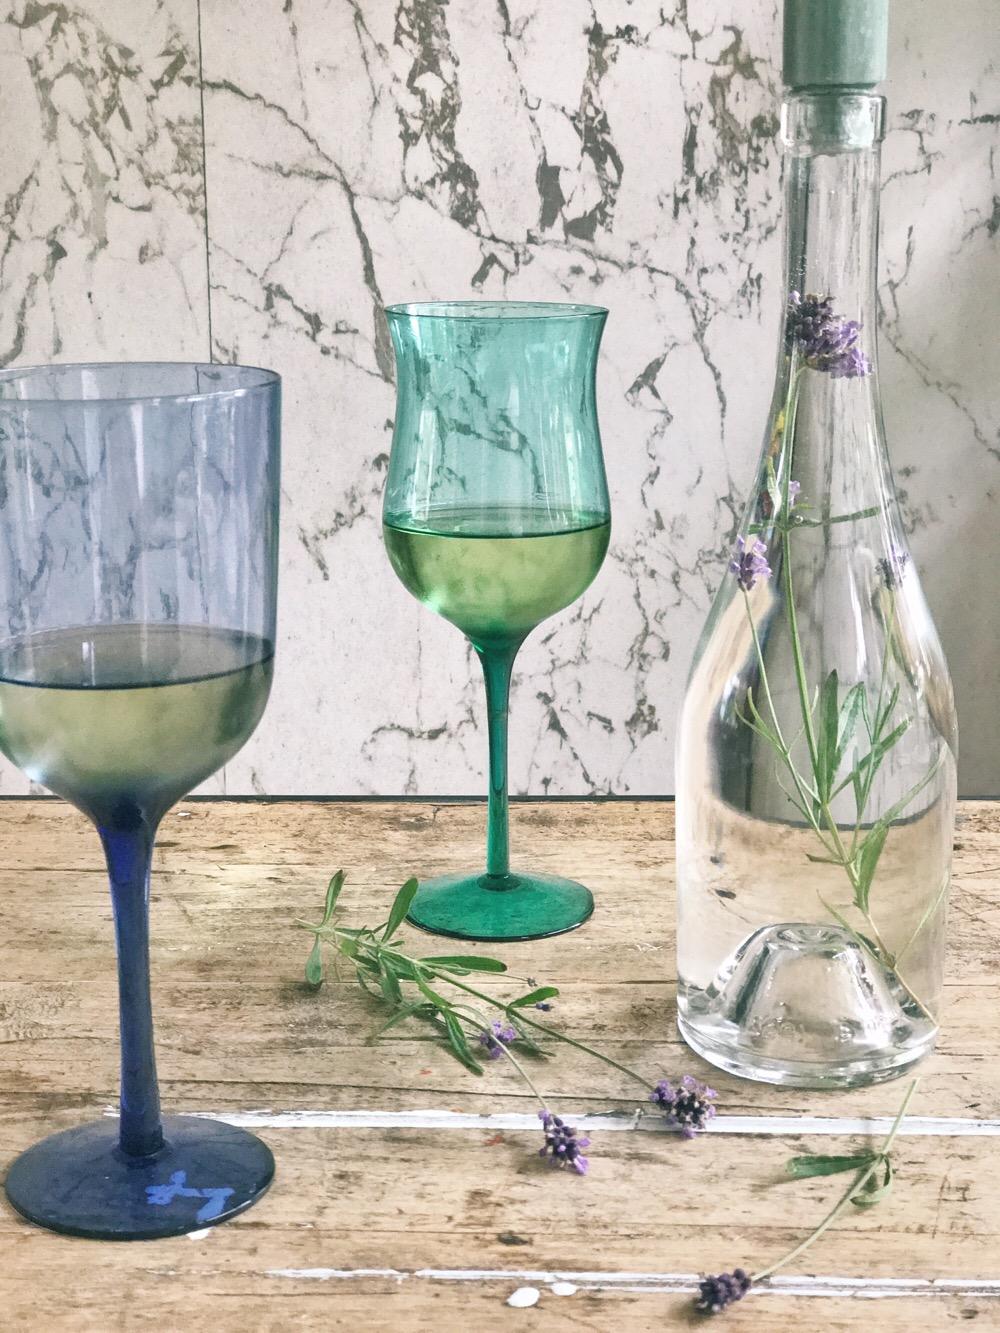 kandelaar van een fles met lavendel